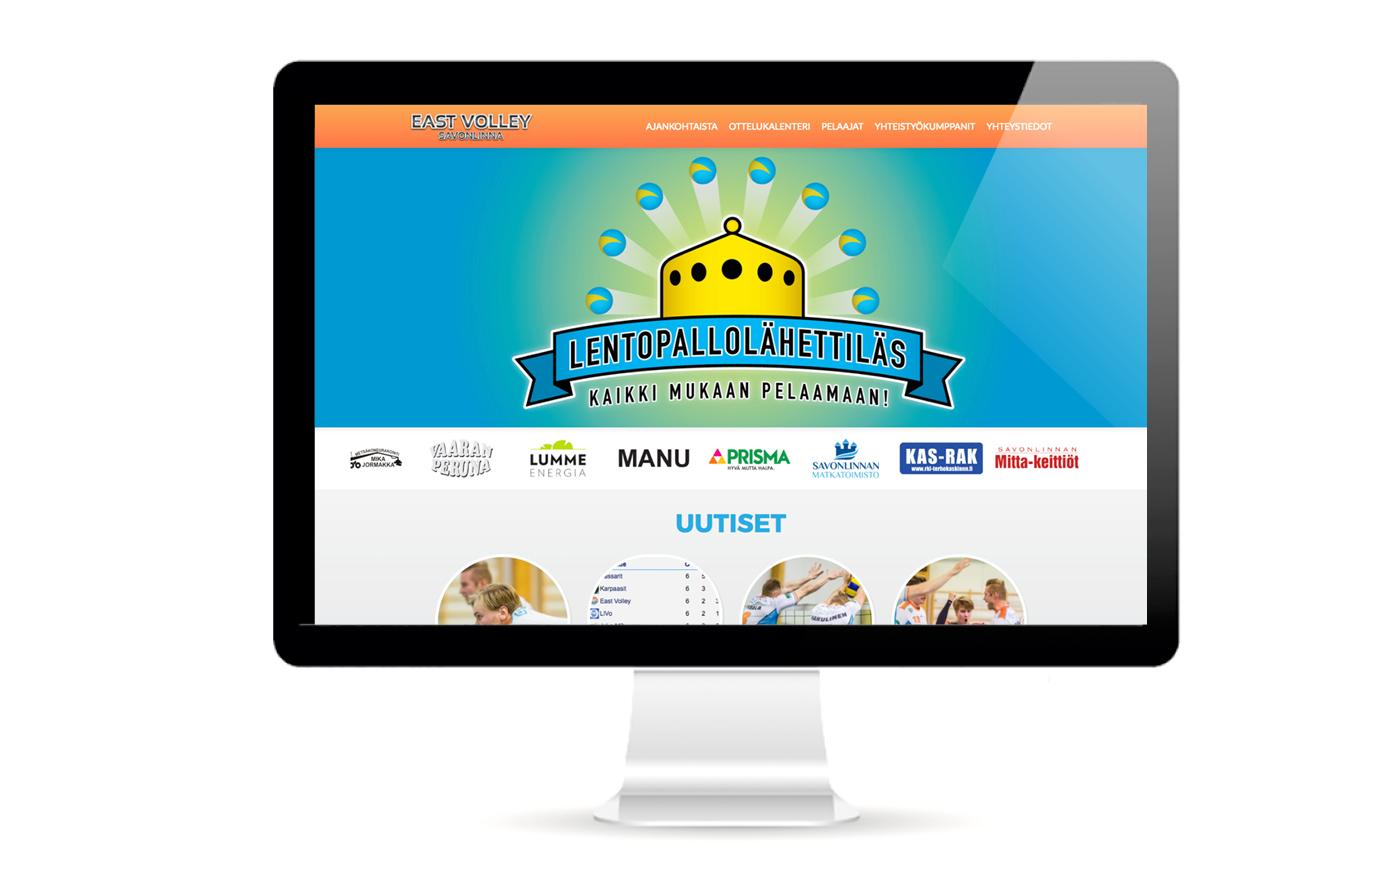 Työnäyte: East Volley visuaalinen ja graafinen suunnittelu sekä verkkosivujen suunnittelu ja toteutus